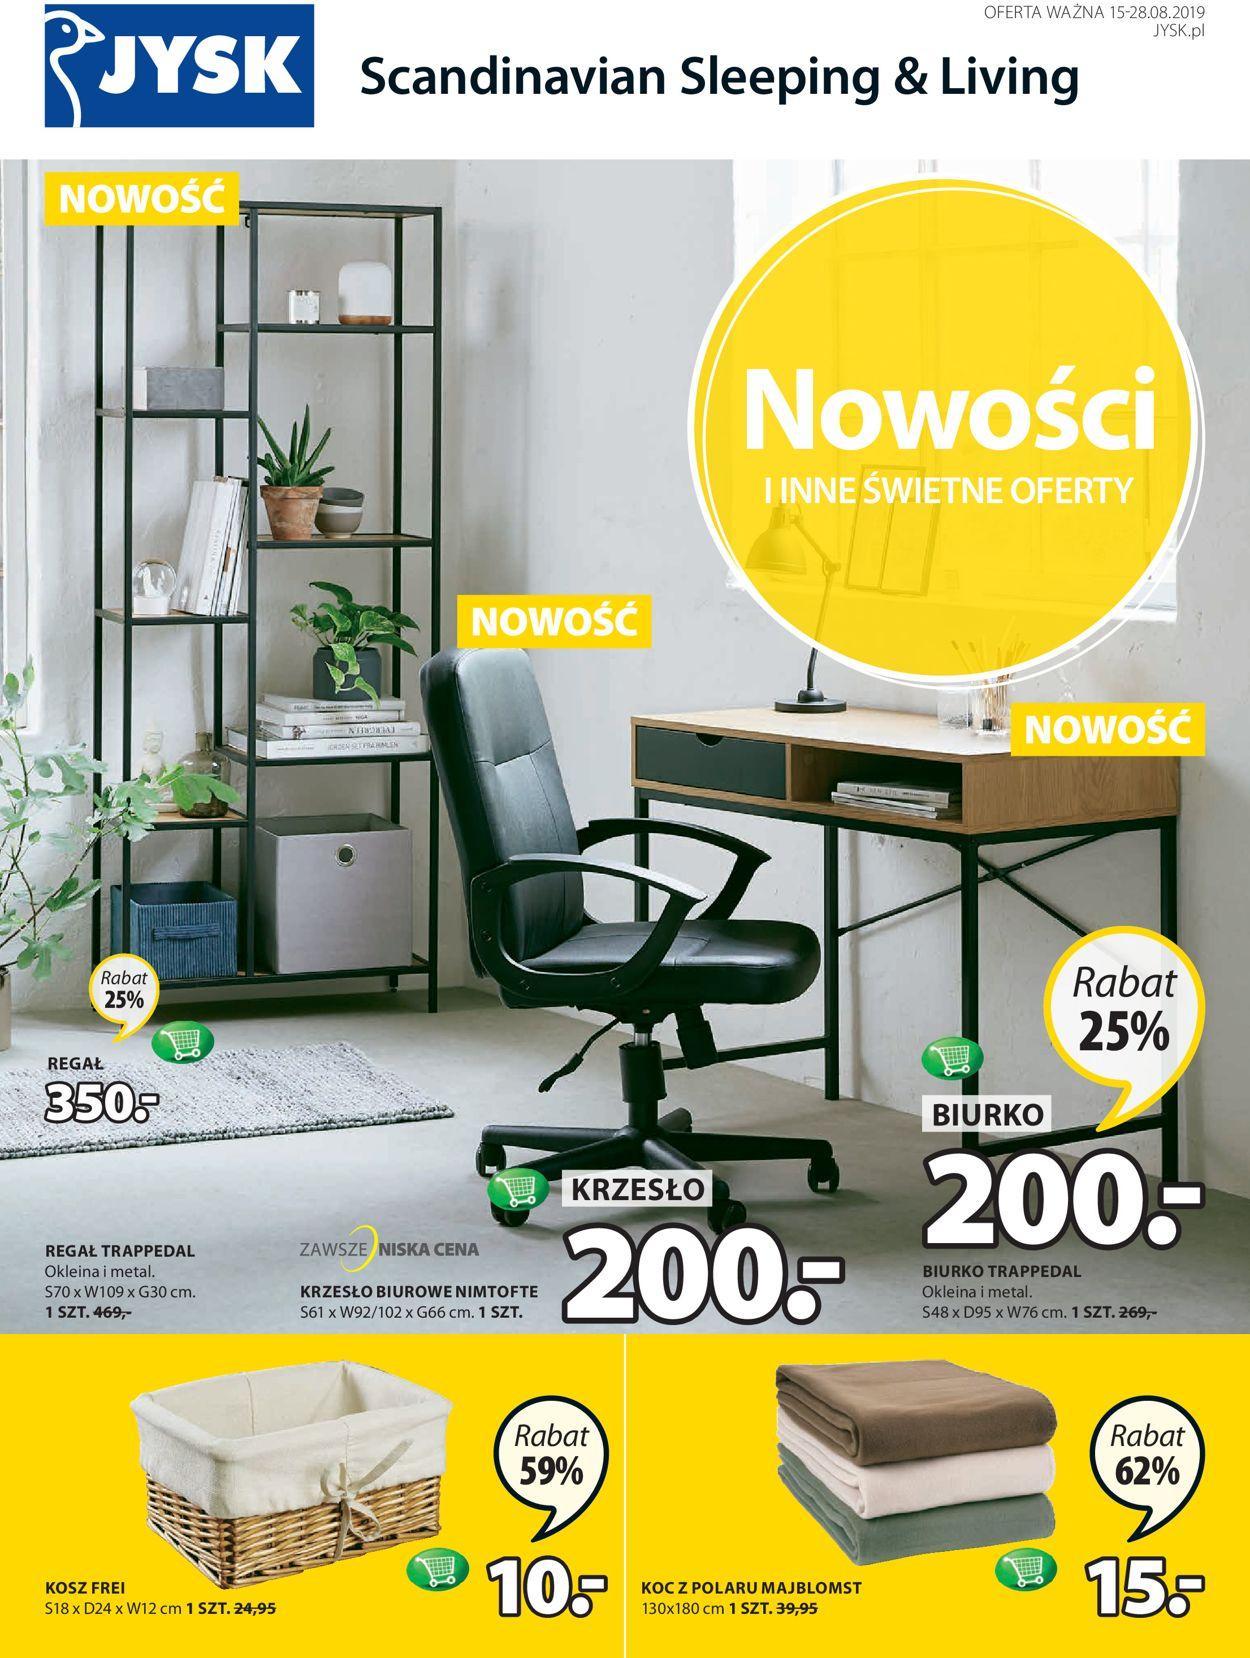 Gazetka promocyjna JYSK - 15.08-28.08.2019